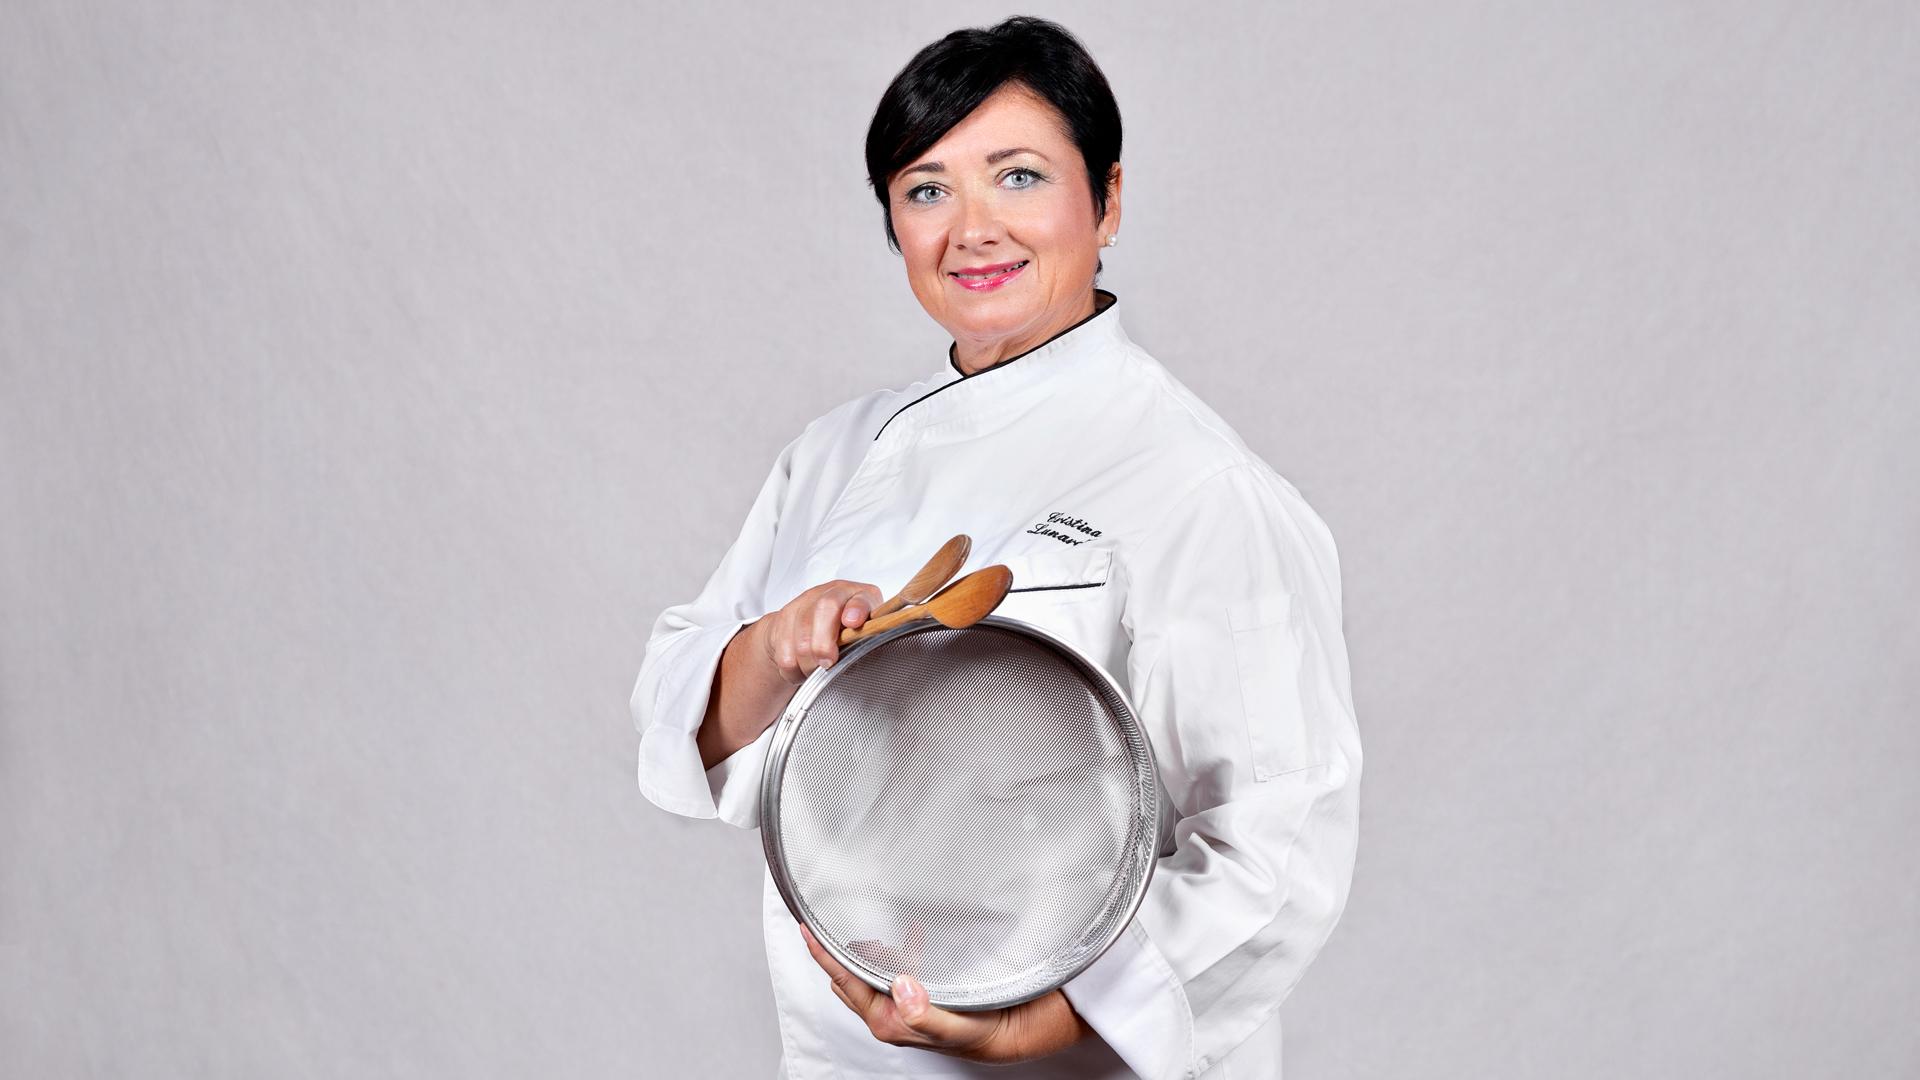 Cristina Lunardini